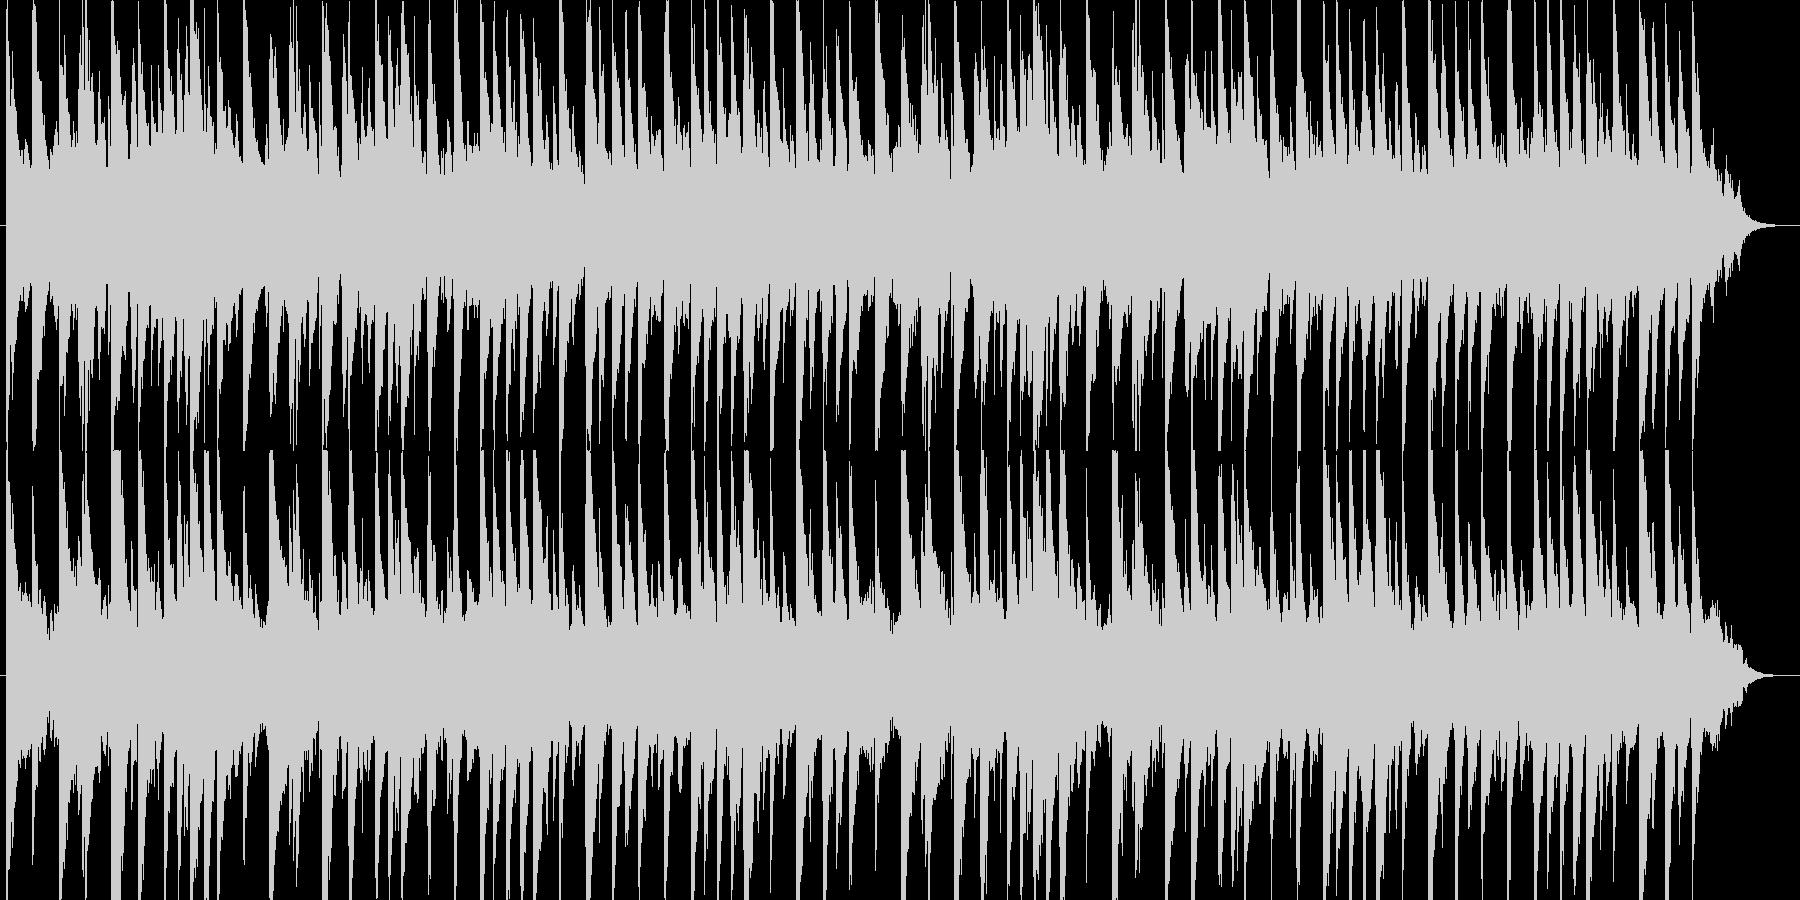 ノスタルジックな曲の未再生の波形